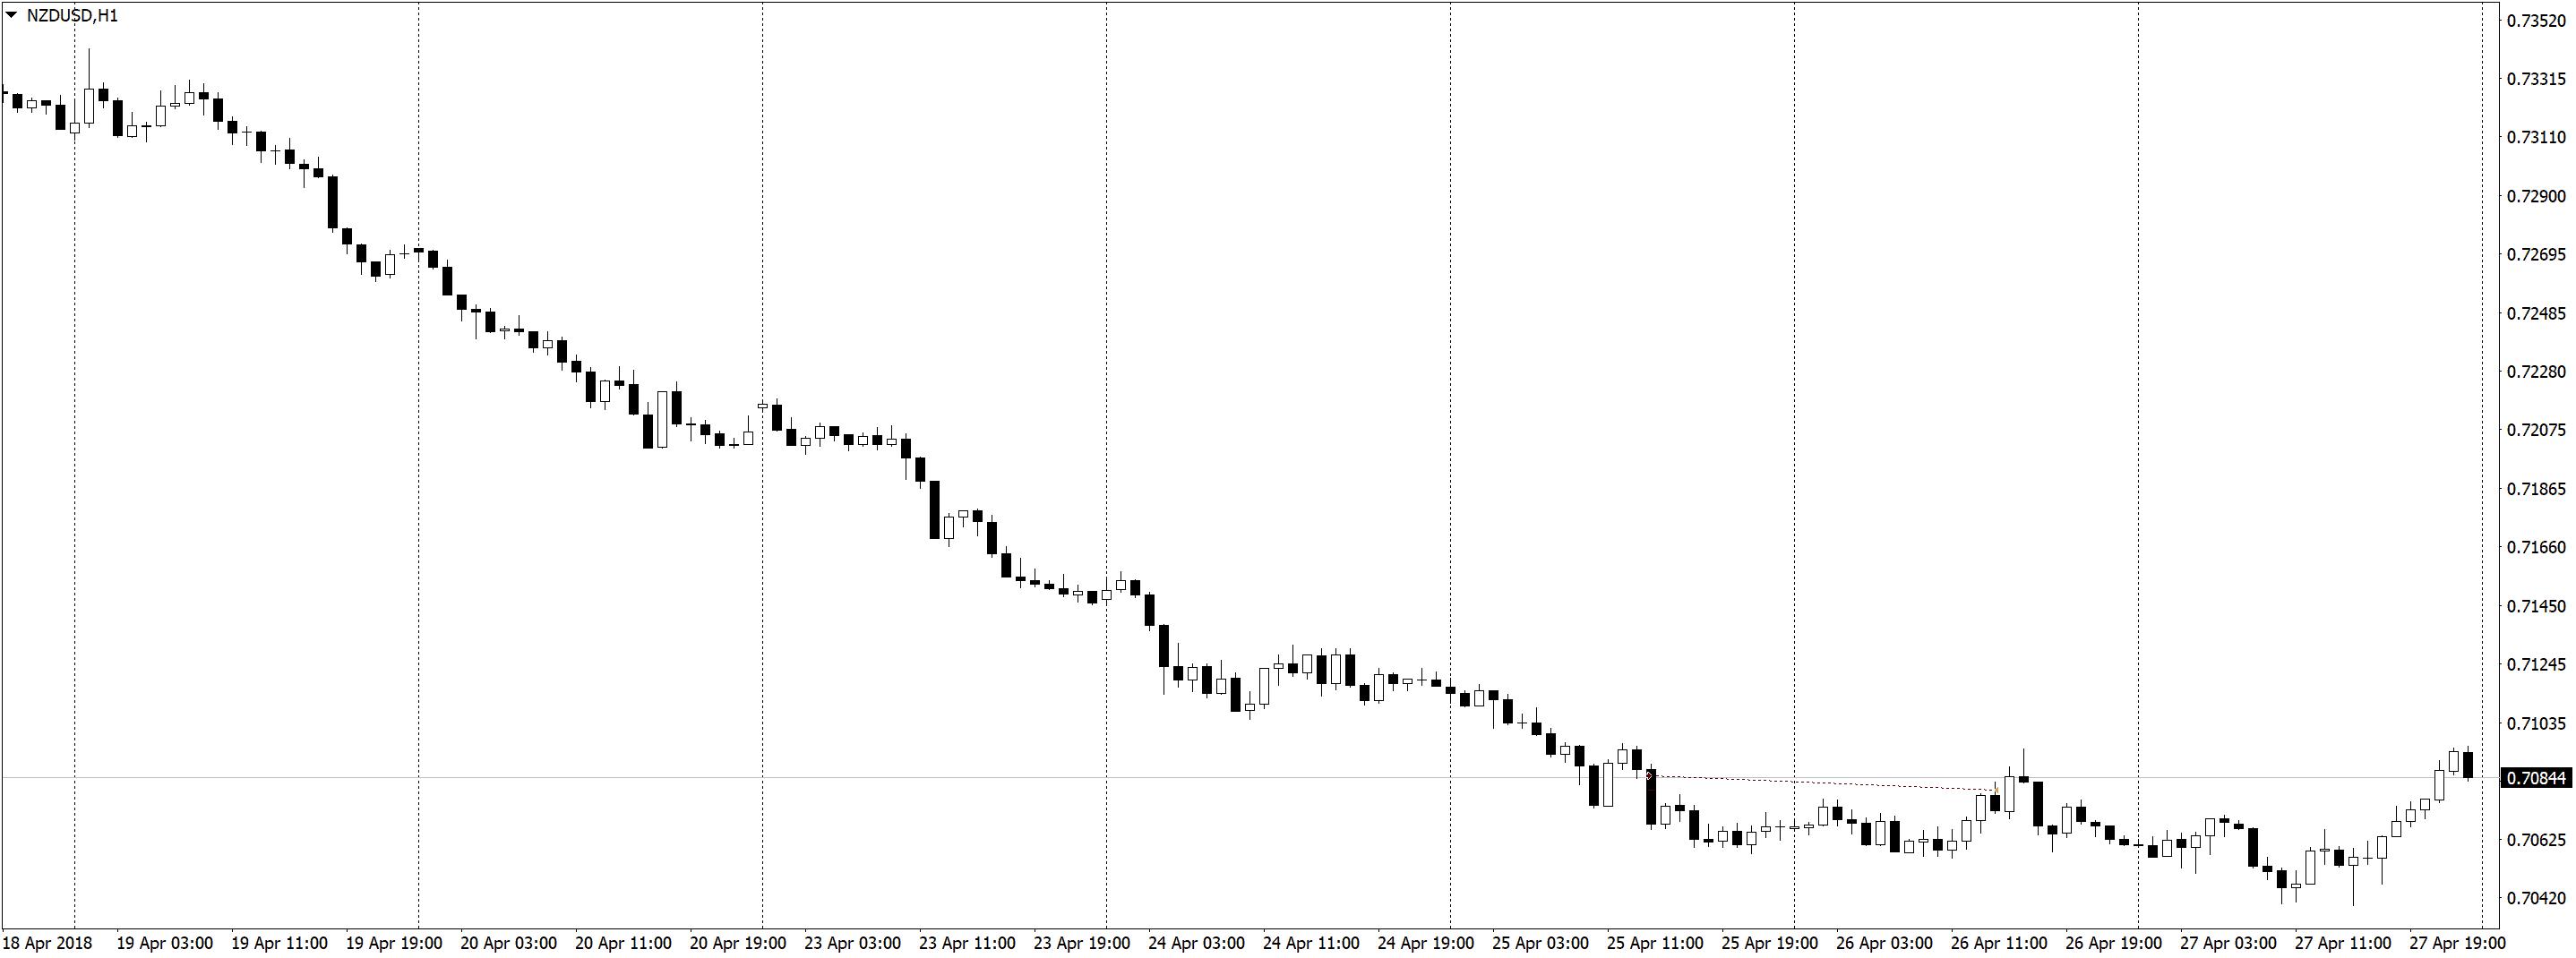 NZDUSDH1 Трейдинг по часовым графикам, немного сделок, спокойная торговля